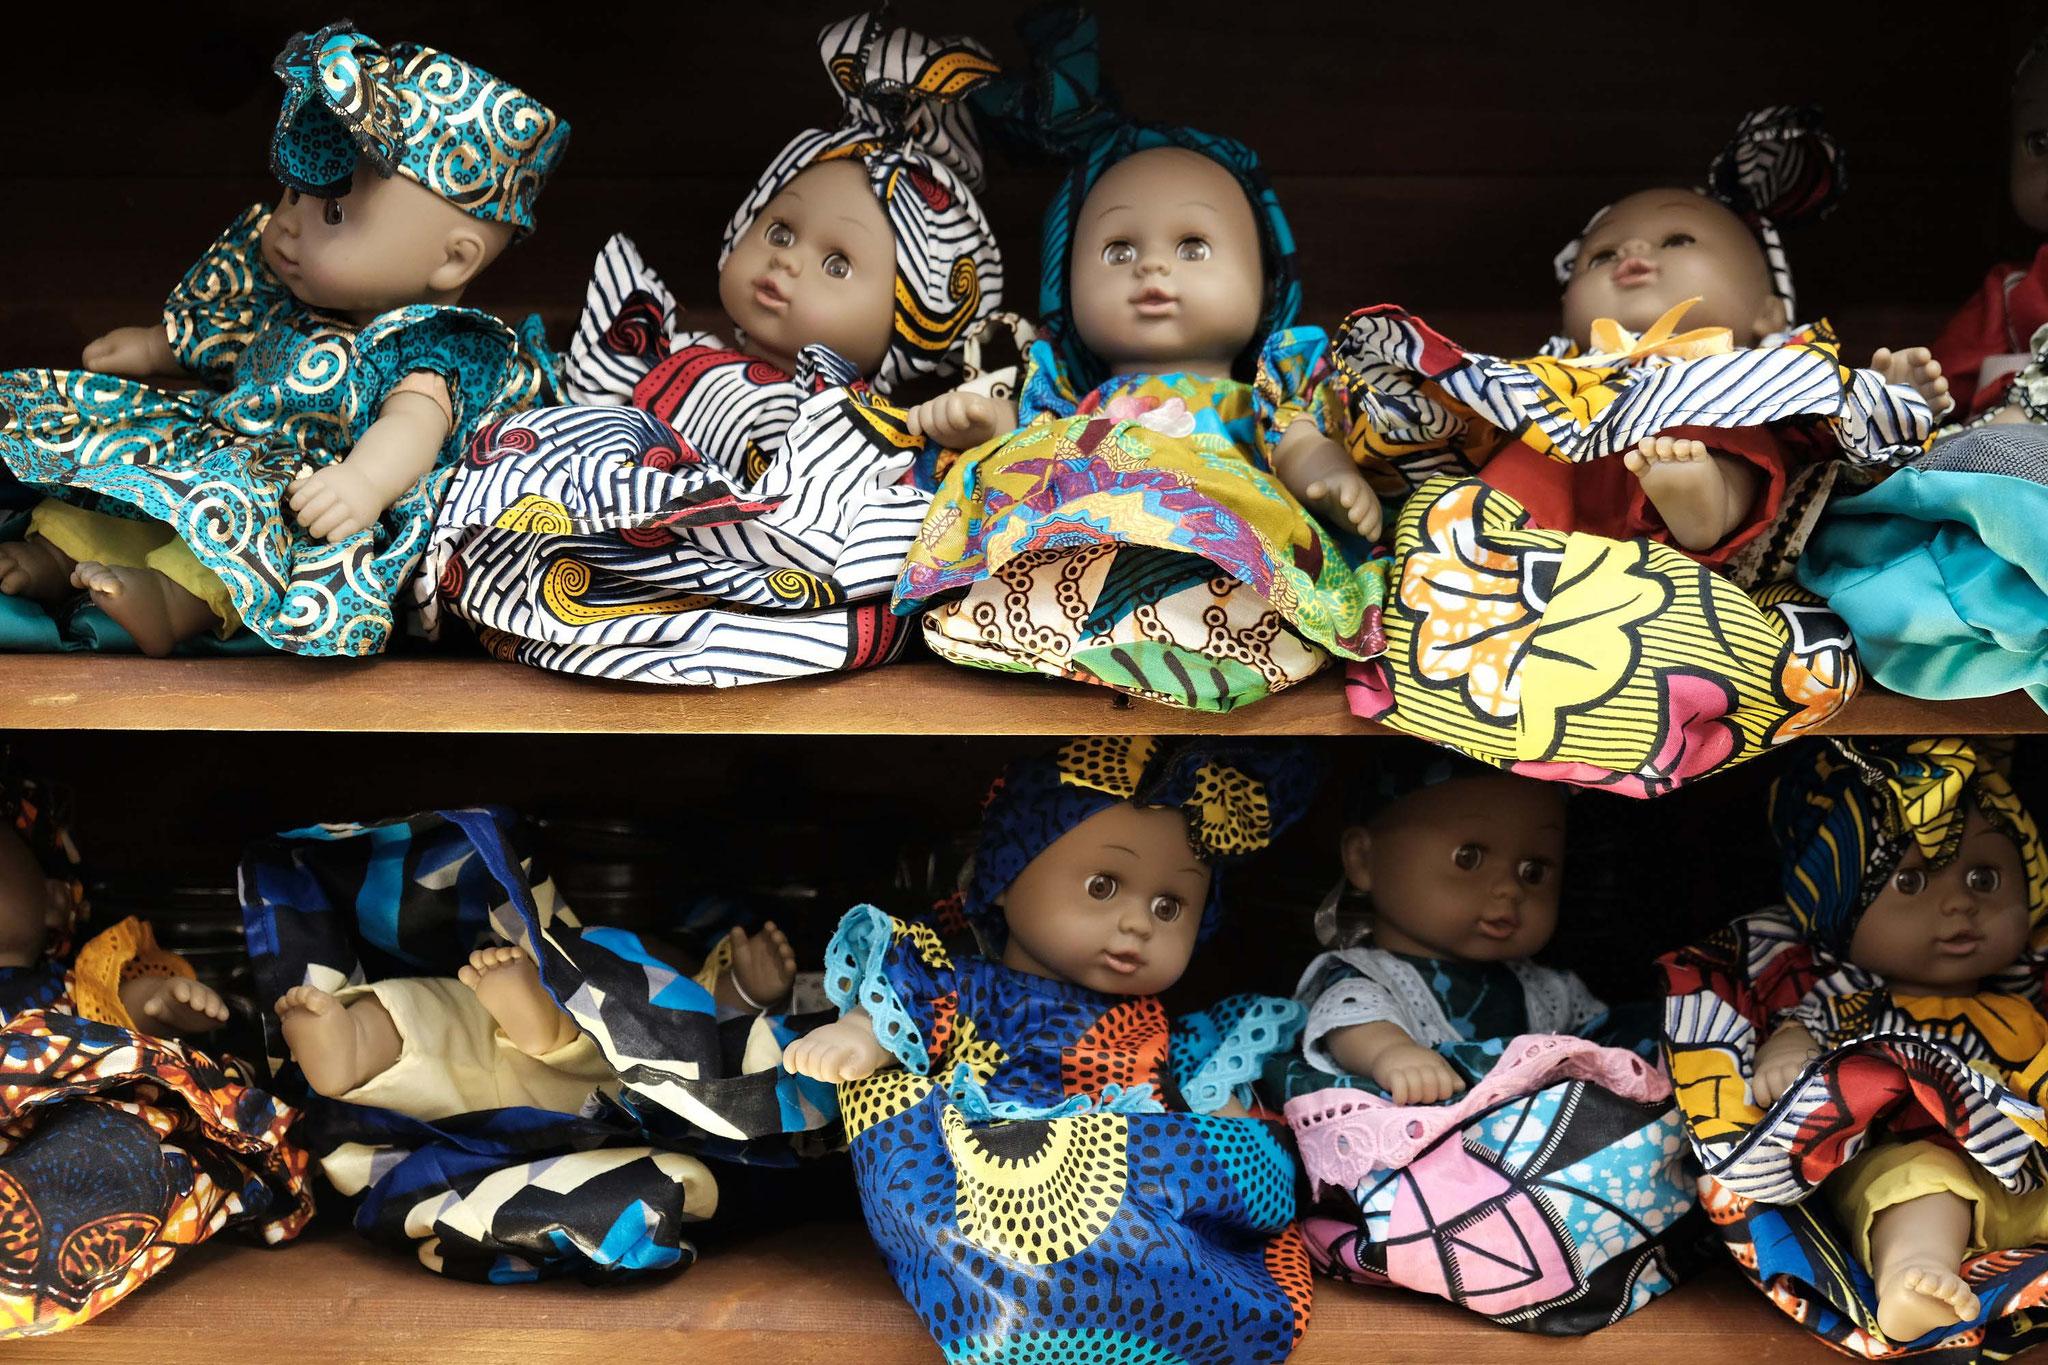 Aminata ne manque pas d'imagination pour concevoir une robe différente pour chaque poupée.